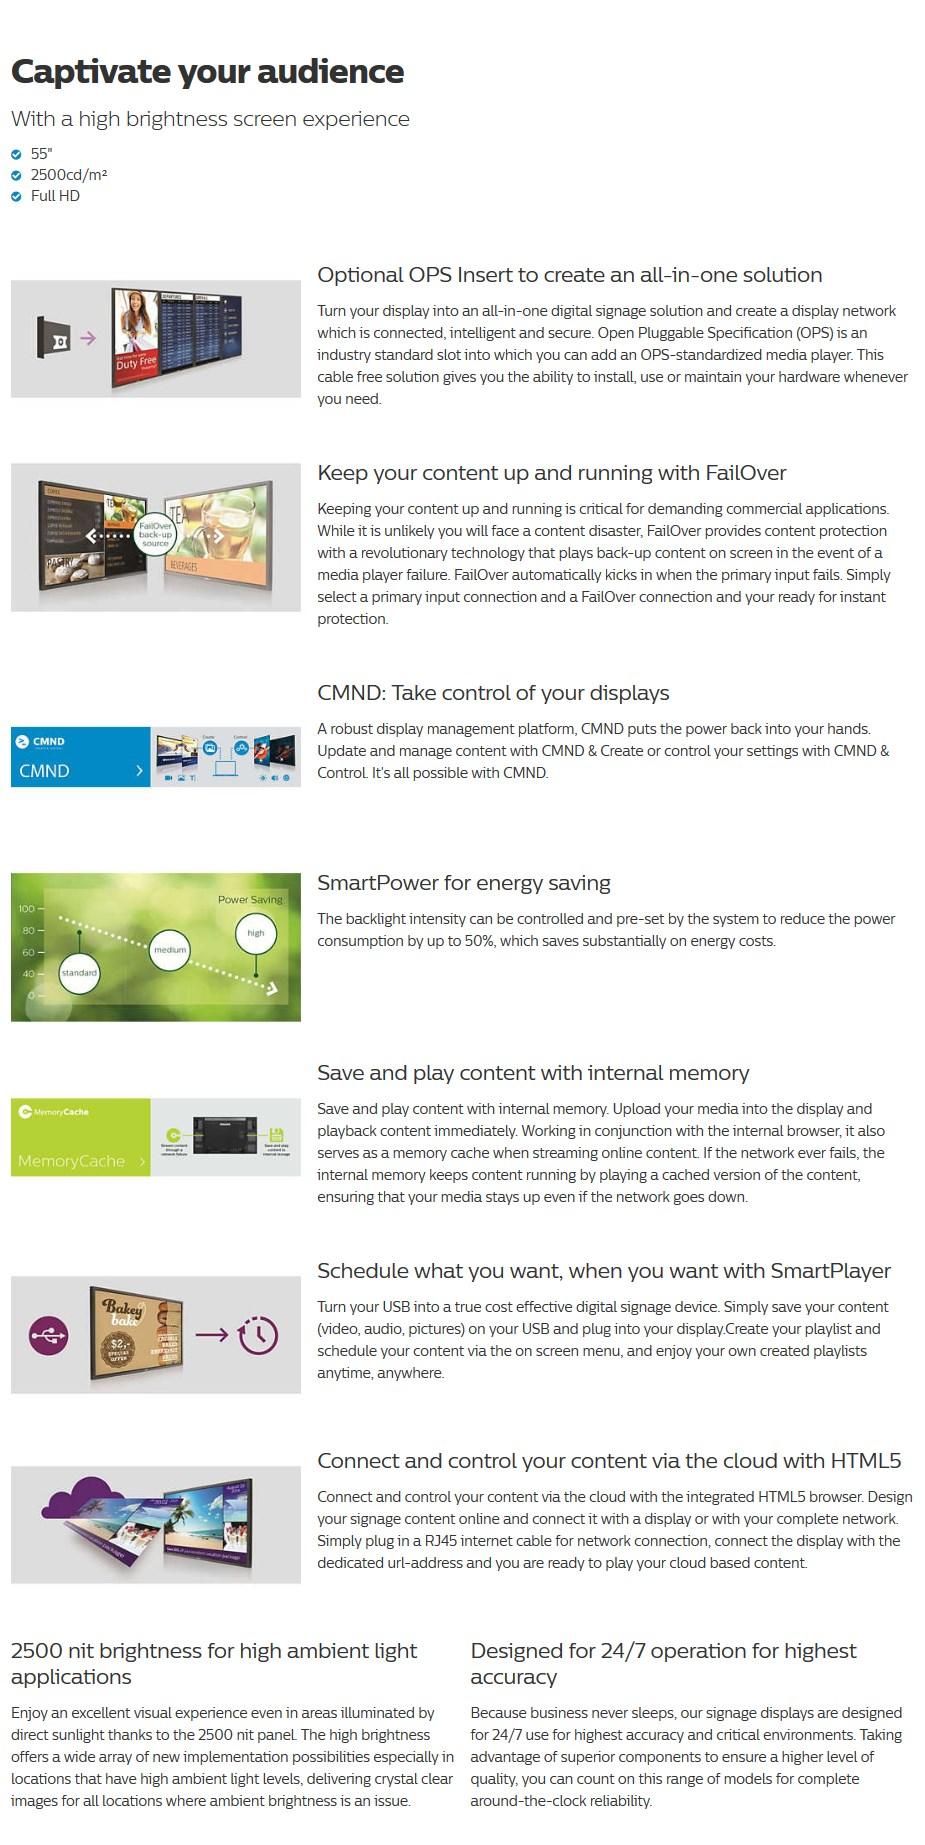 """Philips H-Line 55BDL3102H 55"""" Full HD Ultra-Bright LED 24/7 Digital Signage - Desktop Overview 1"""